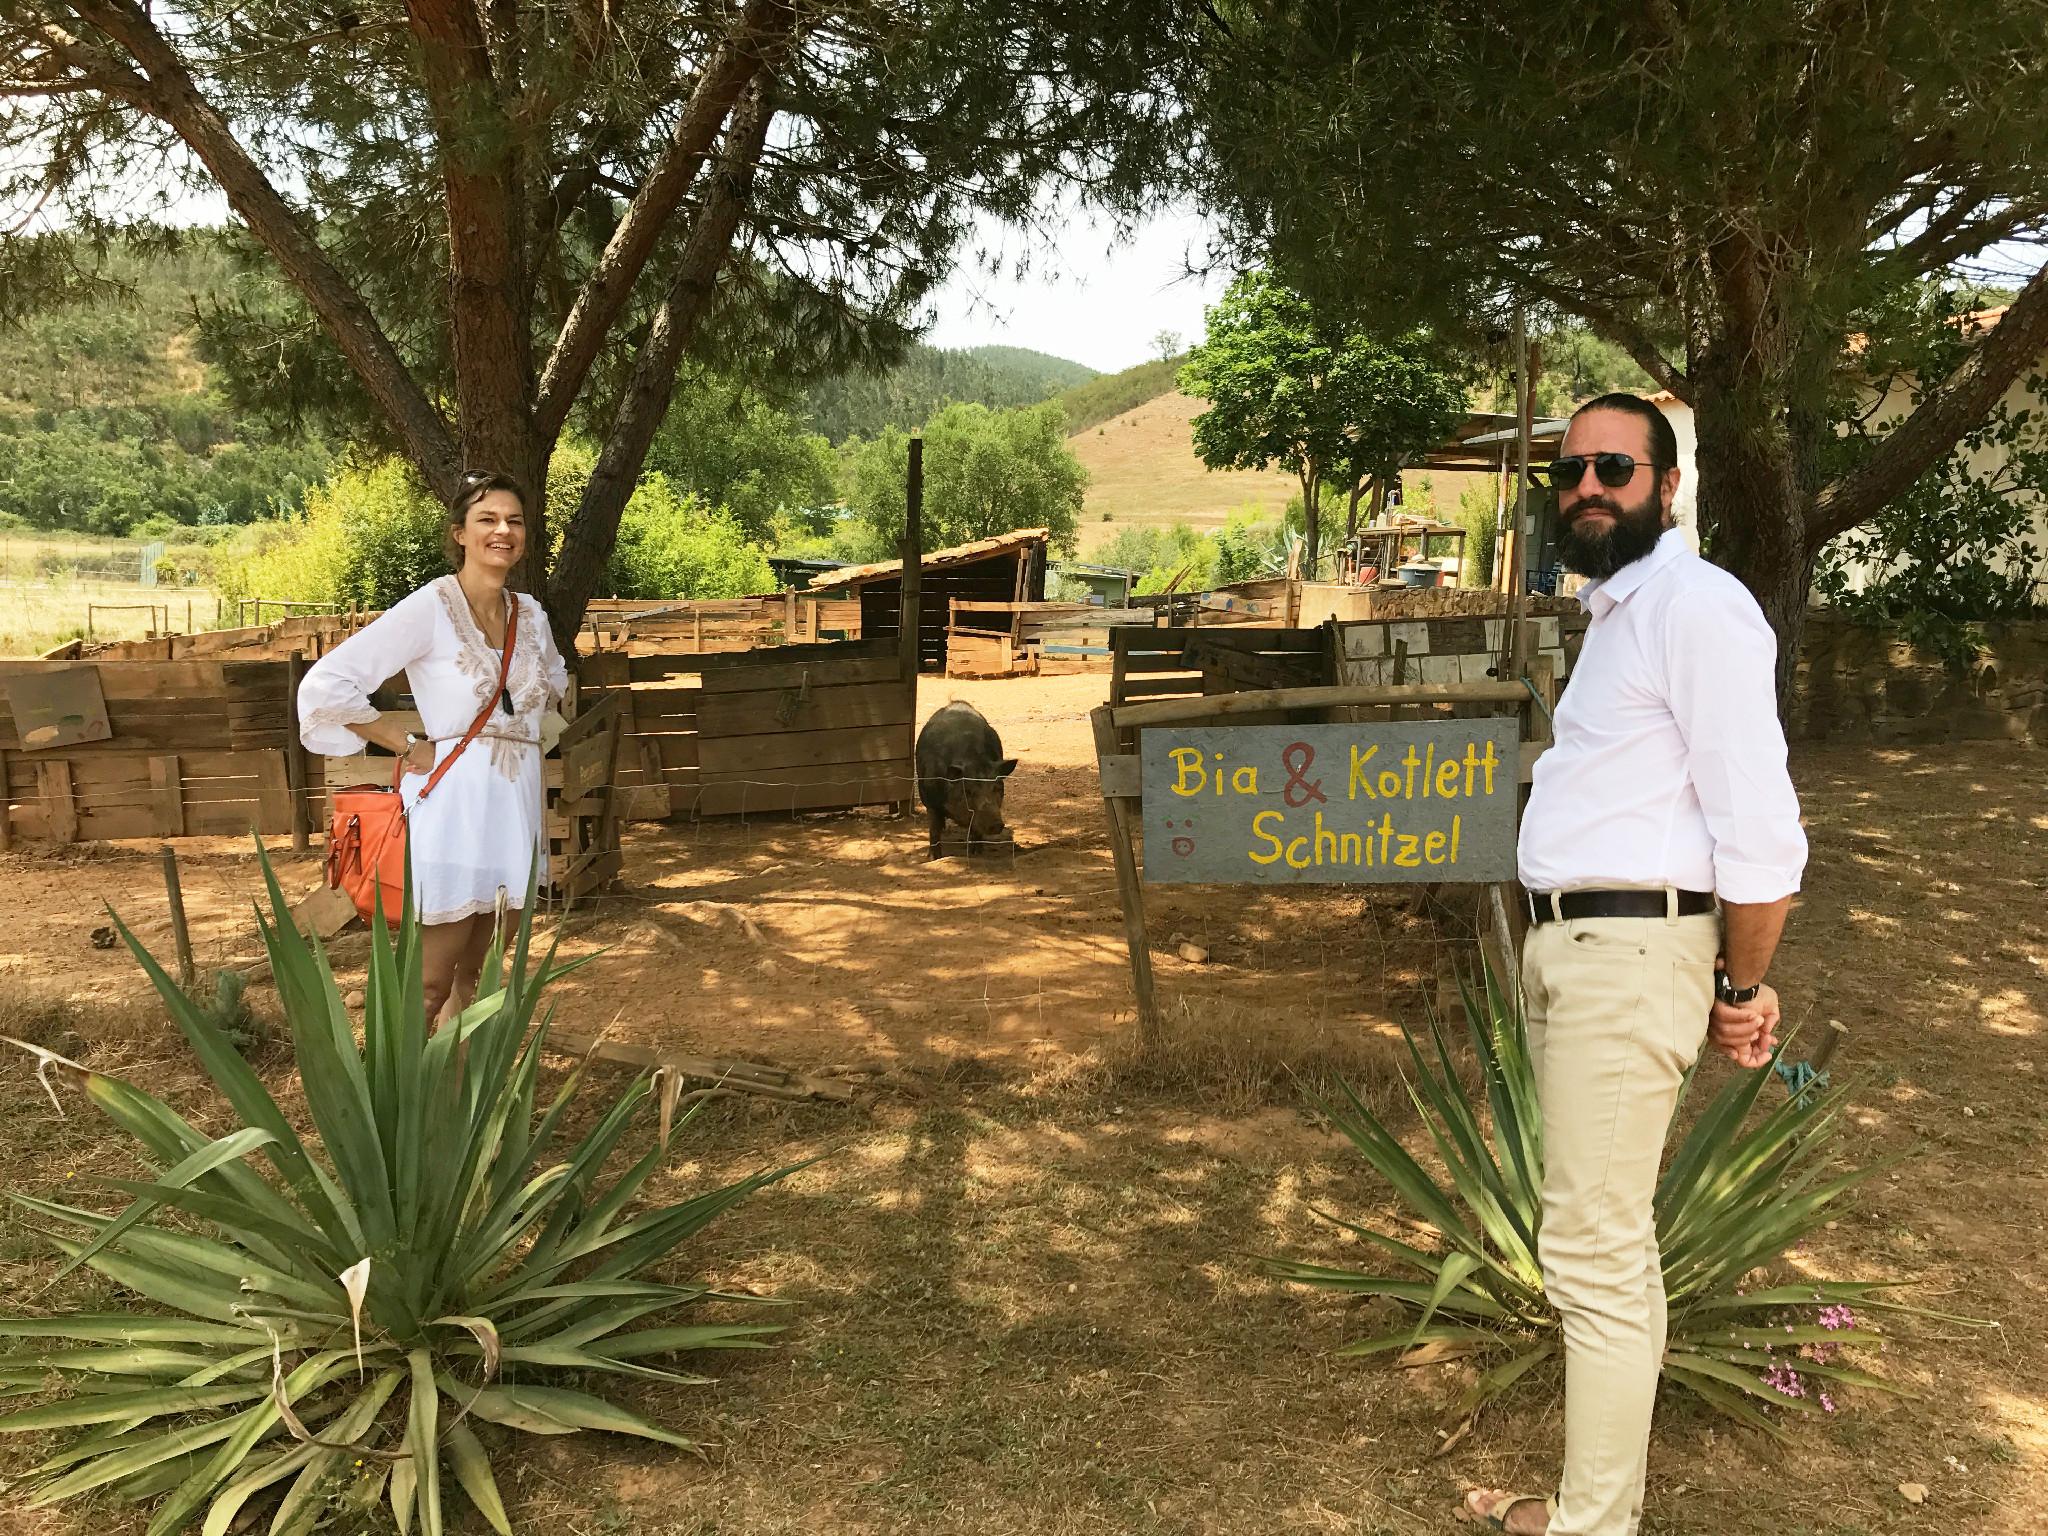 Sonja mit dem Gastgeber Marc und den super glücklichen Schweinen im Reguengo (die nicht in den Topf kommen).